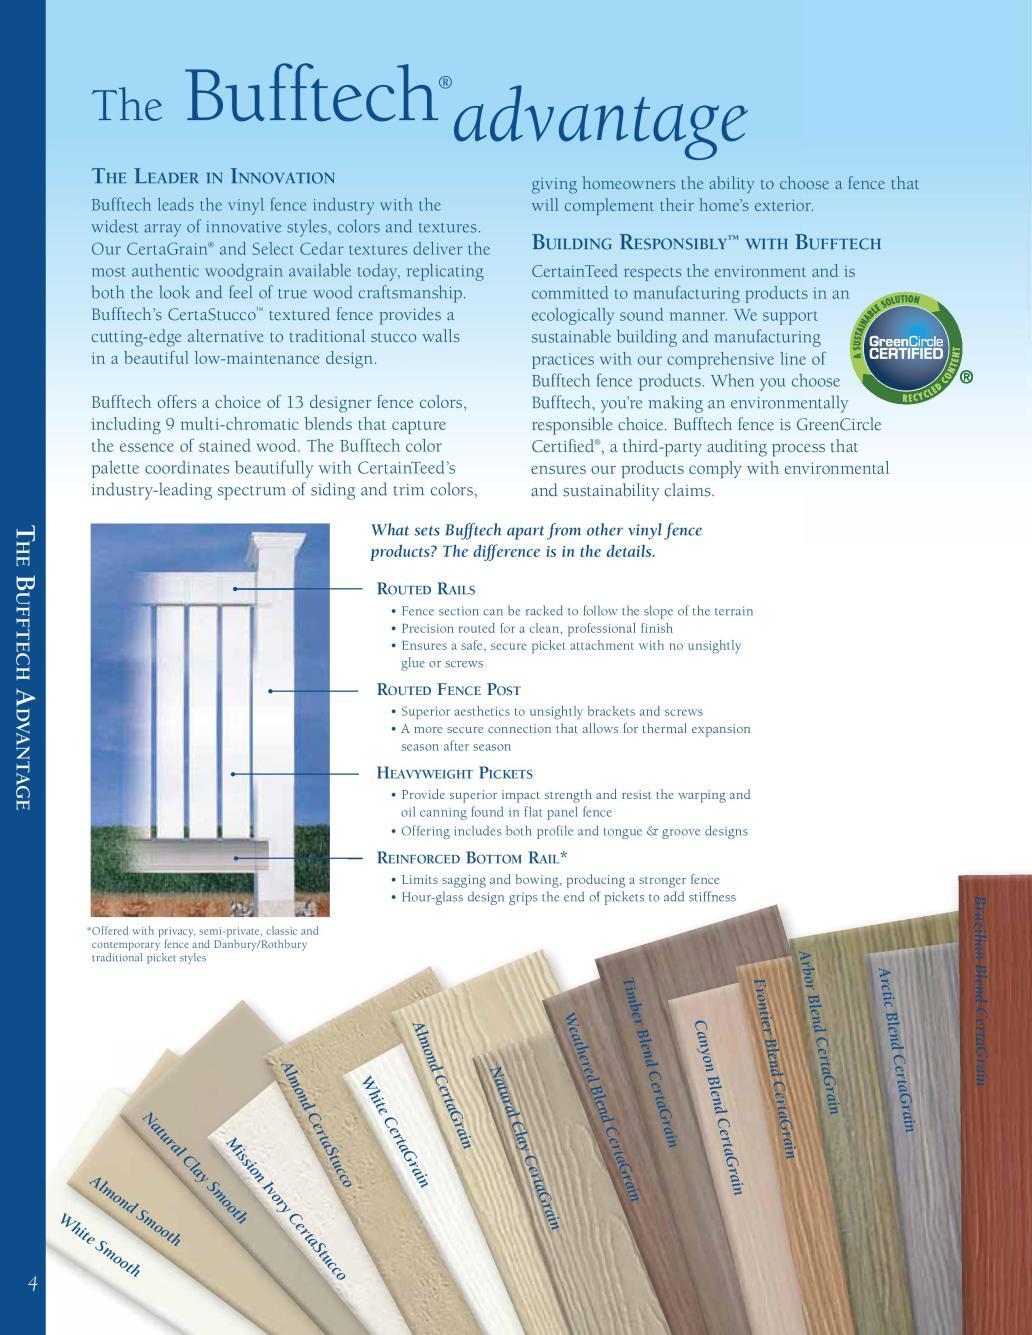 FRD_40-40-70610_Fulline-page-004